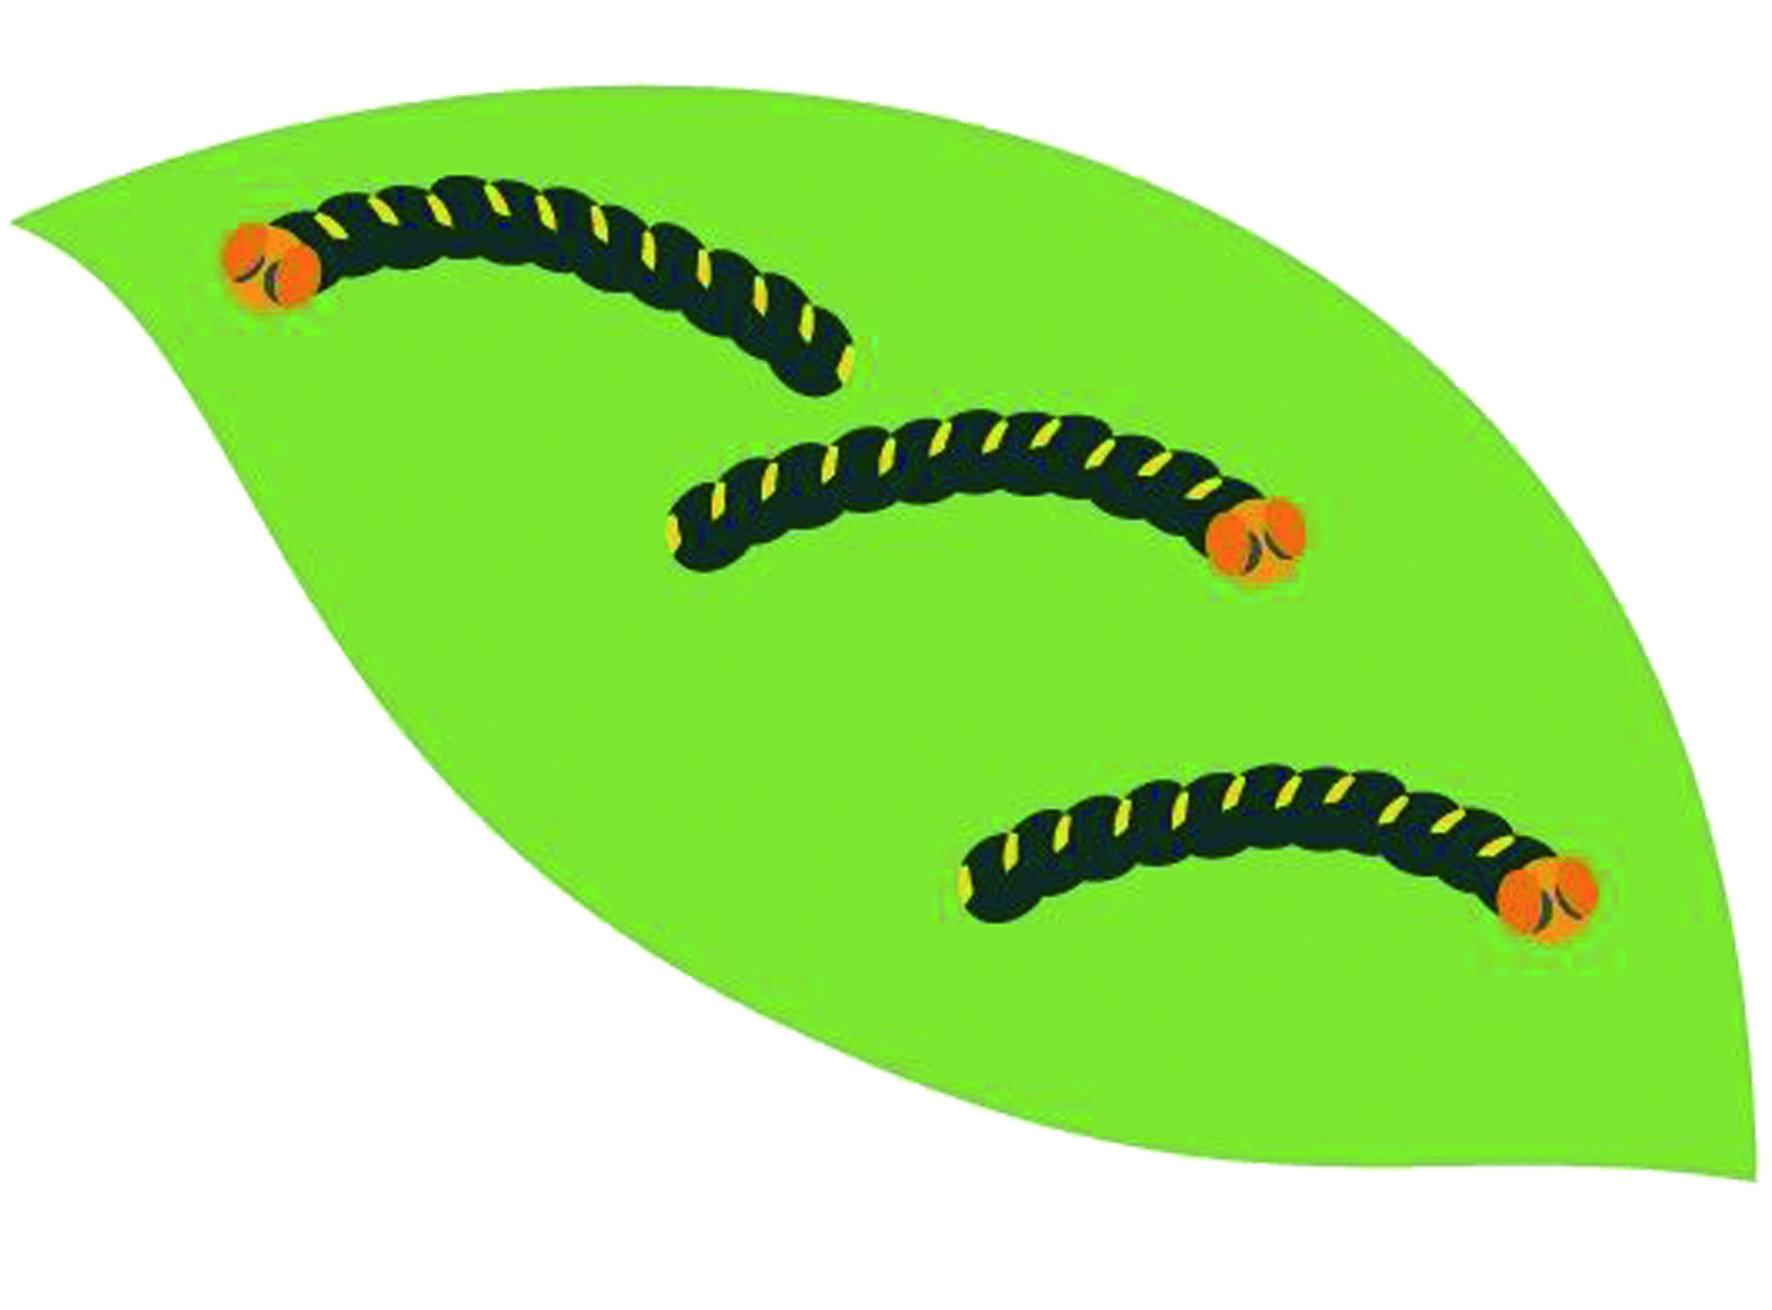 不只是人類懼怕毛毛蟲,植物更是害怕遭到毛毛蟲的侵襲,例如「夜盜蟲」就有可能一夜之間將葉子啃食殆盡。因此,無論農業、居家都必須好好面對毛毛蟲的侵擾問題。